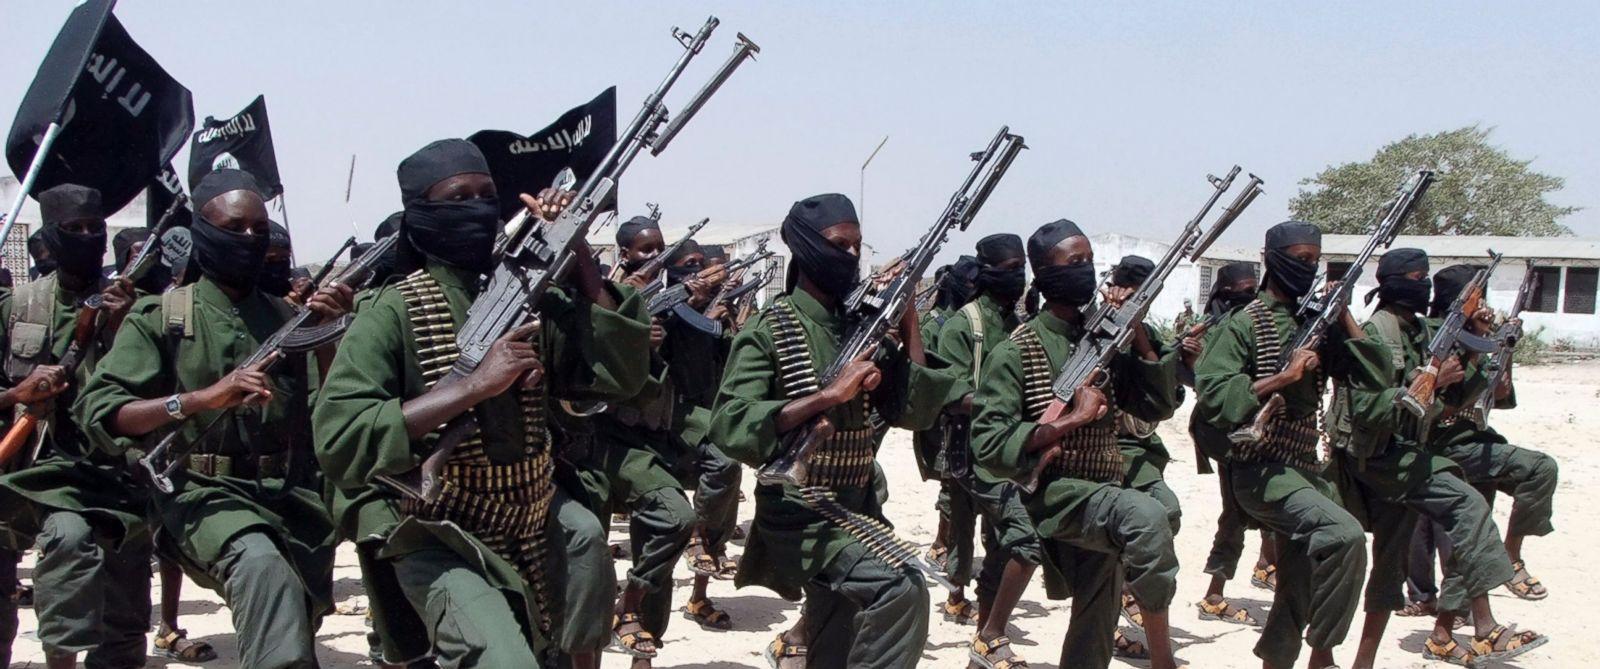 Terror in East Africa: Al Shabaab